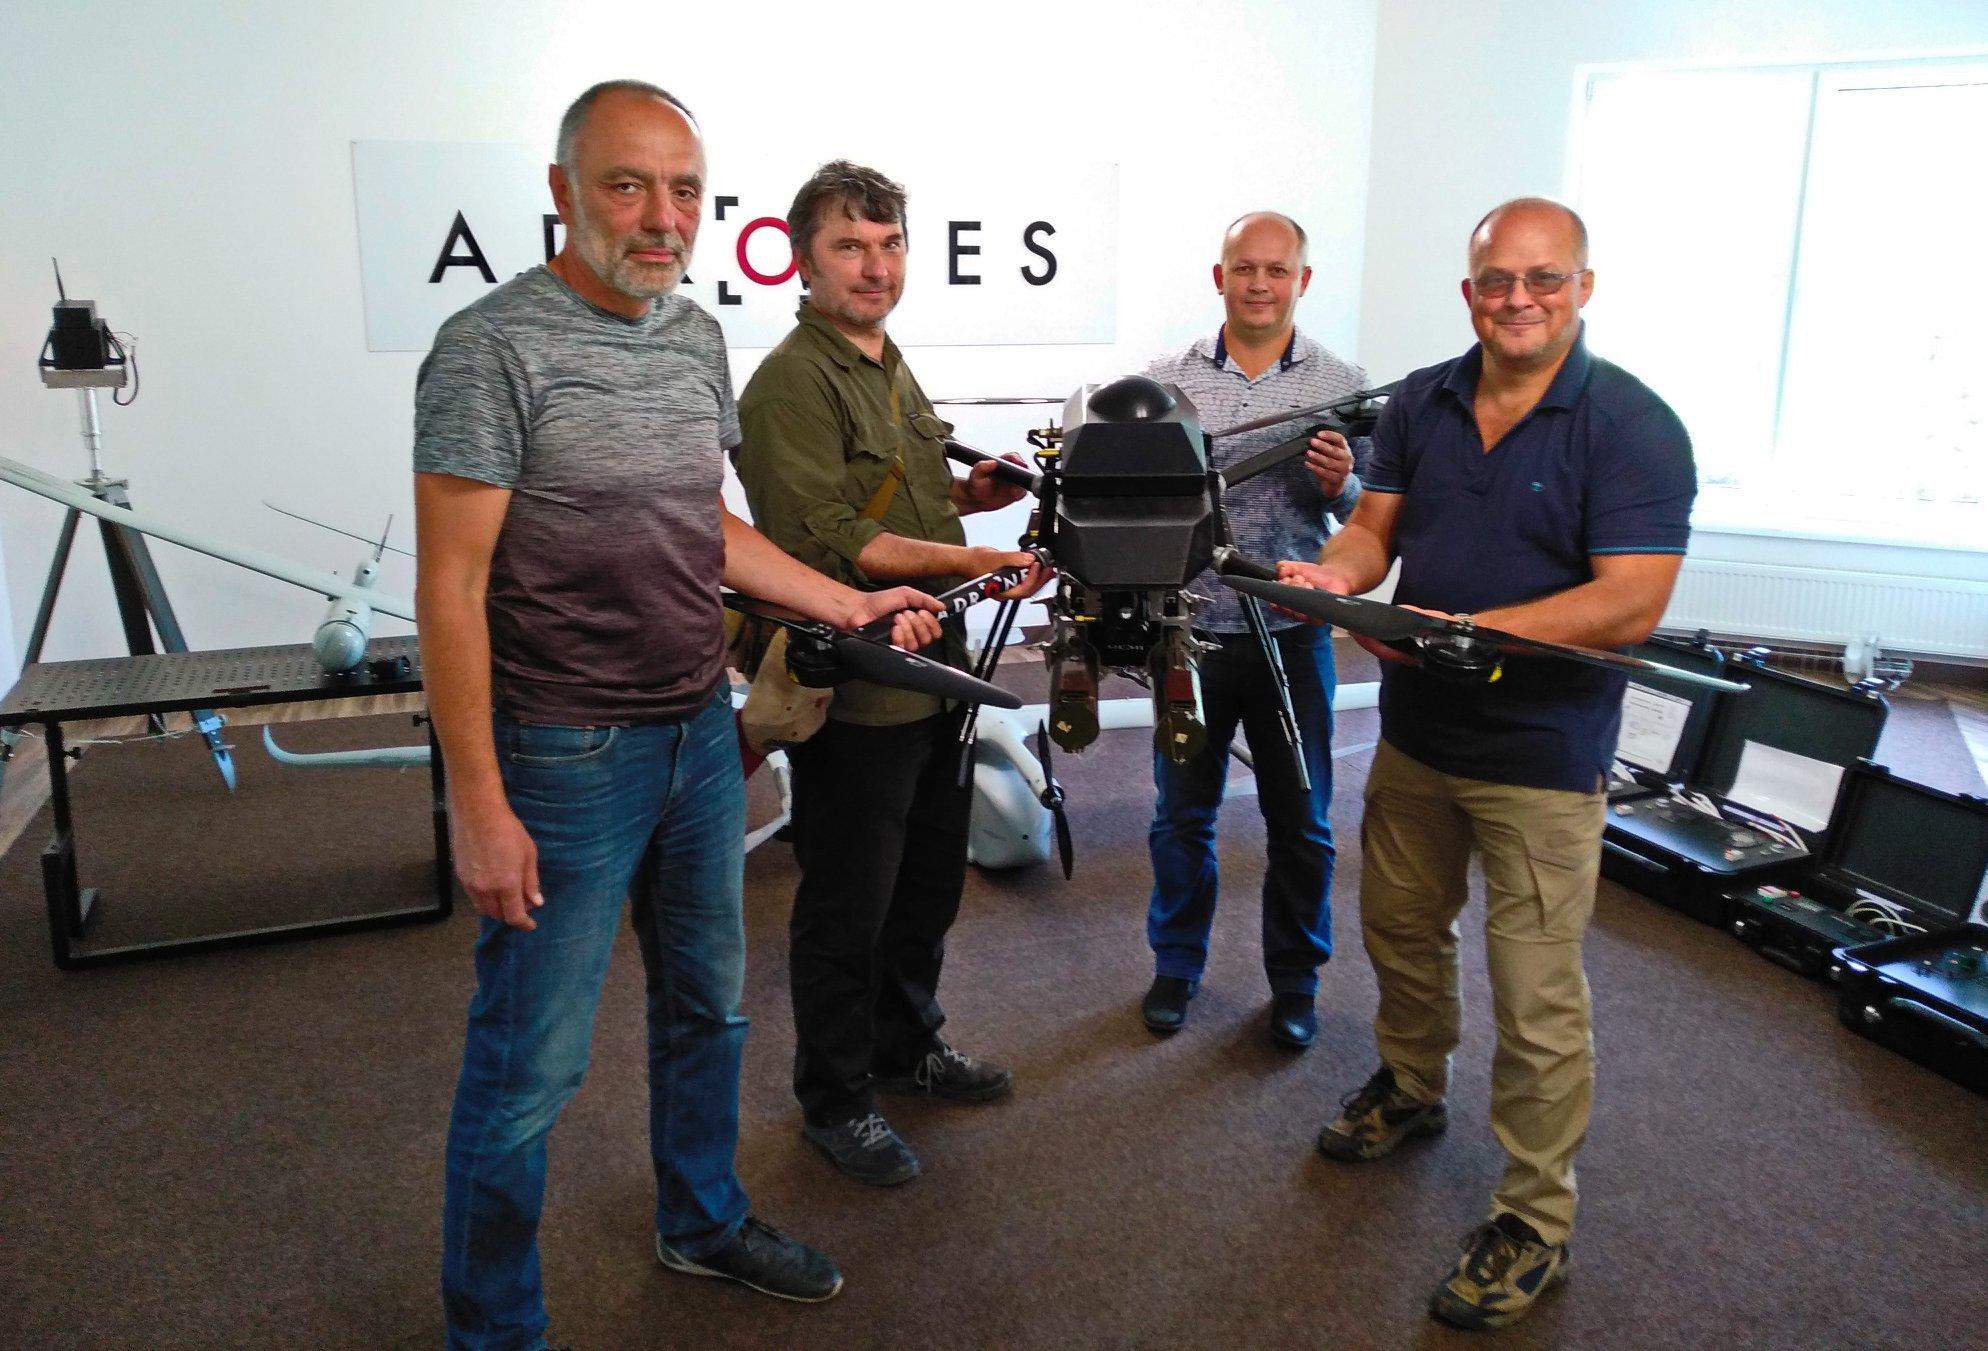 Дрони та роботи допоможуть вивчати флору та фауну Чорнобиля - Чорнобильський заповідник - 14 drony2